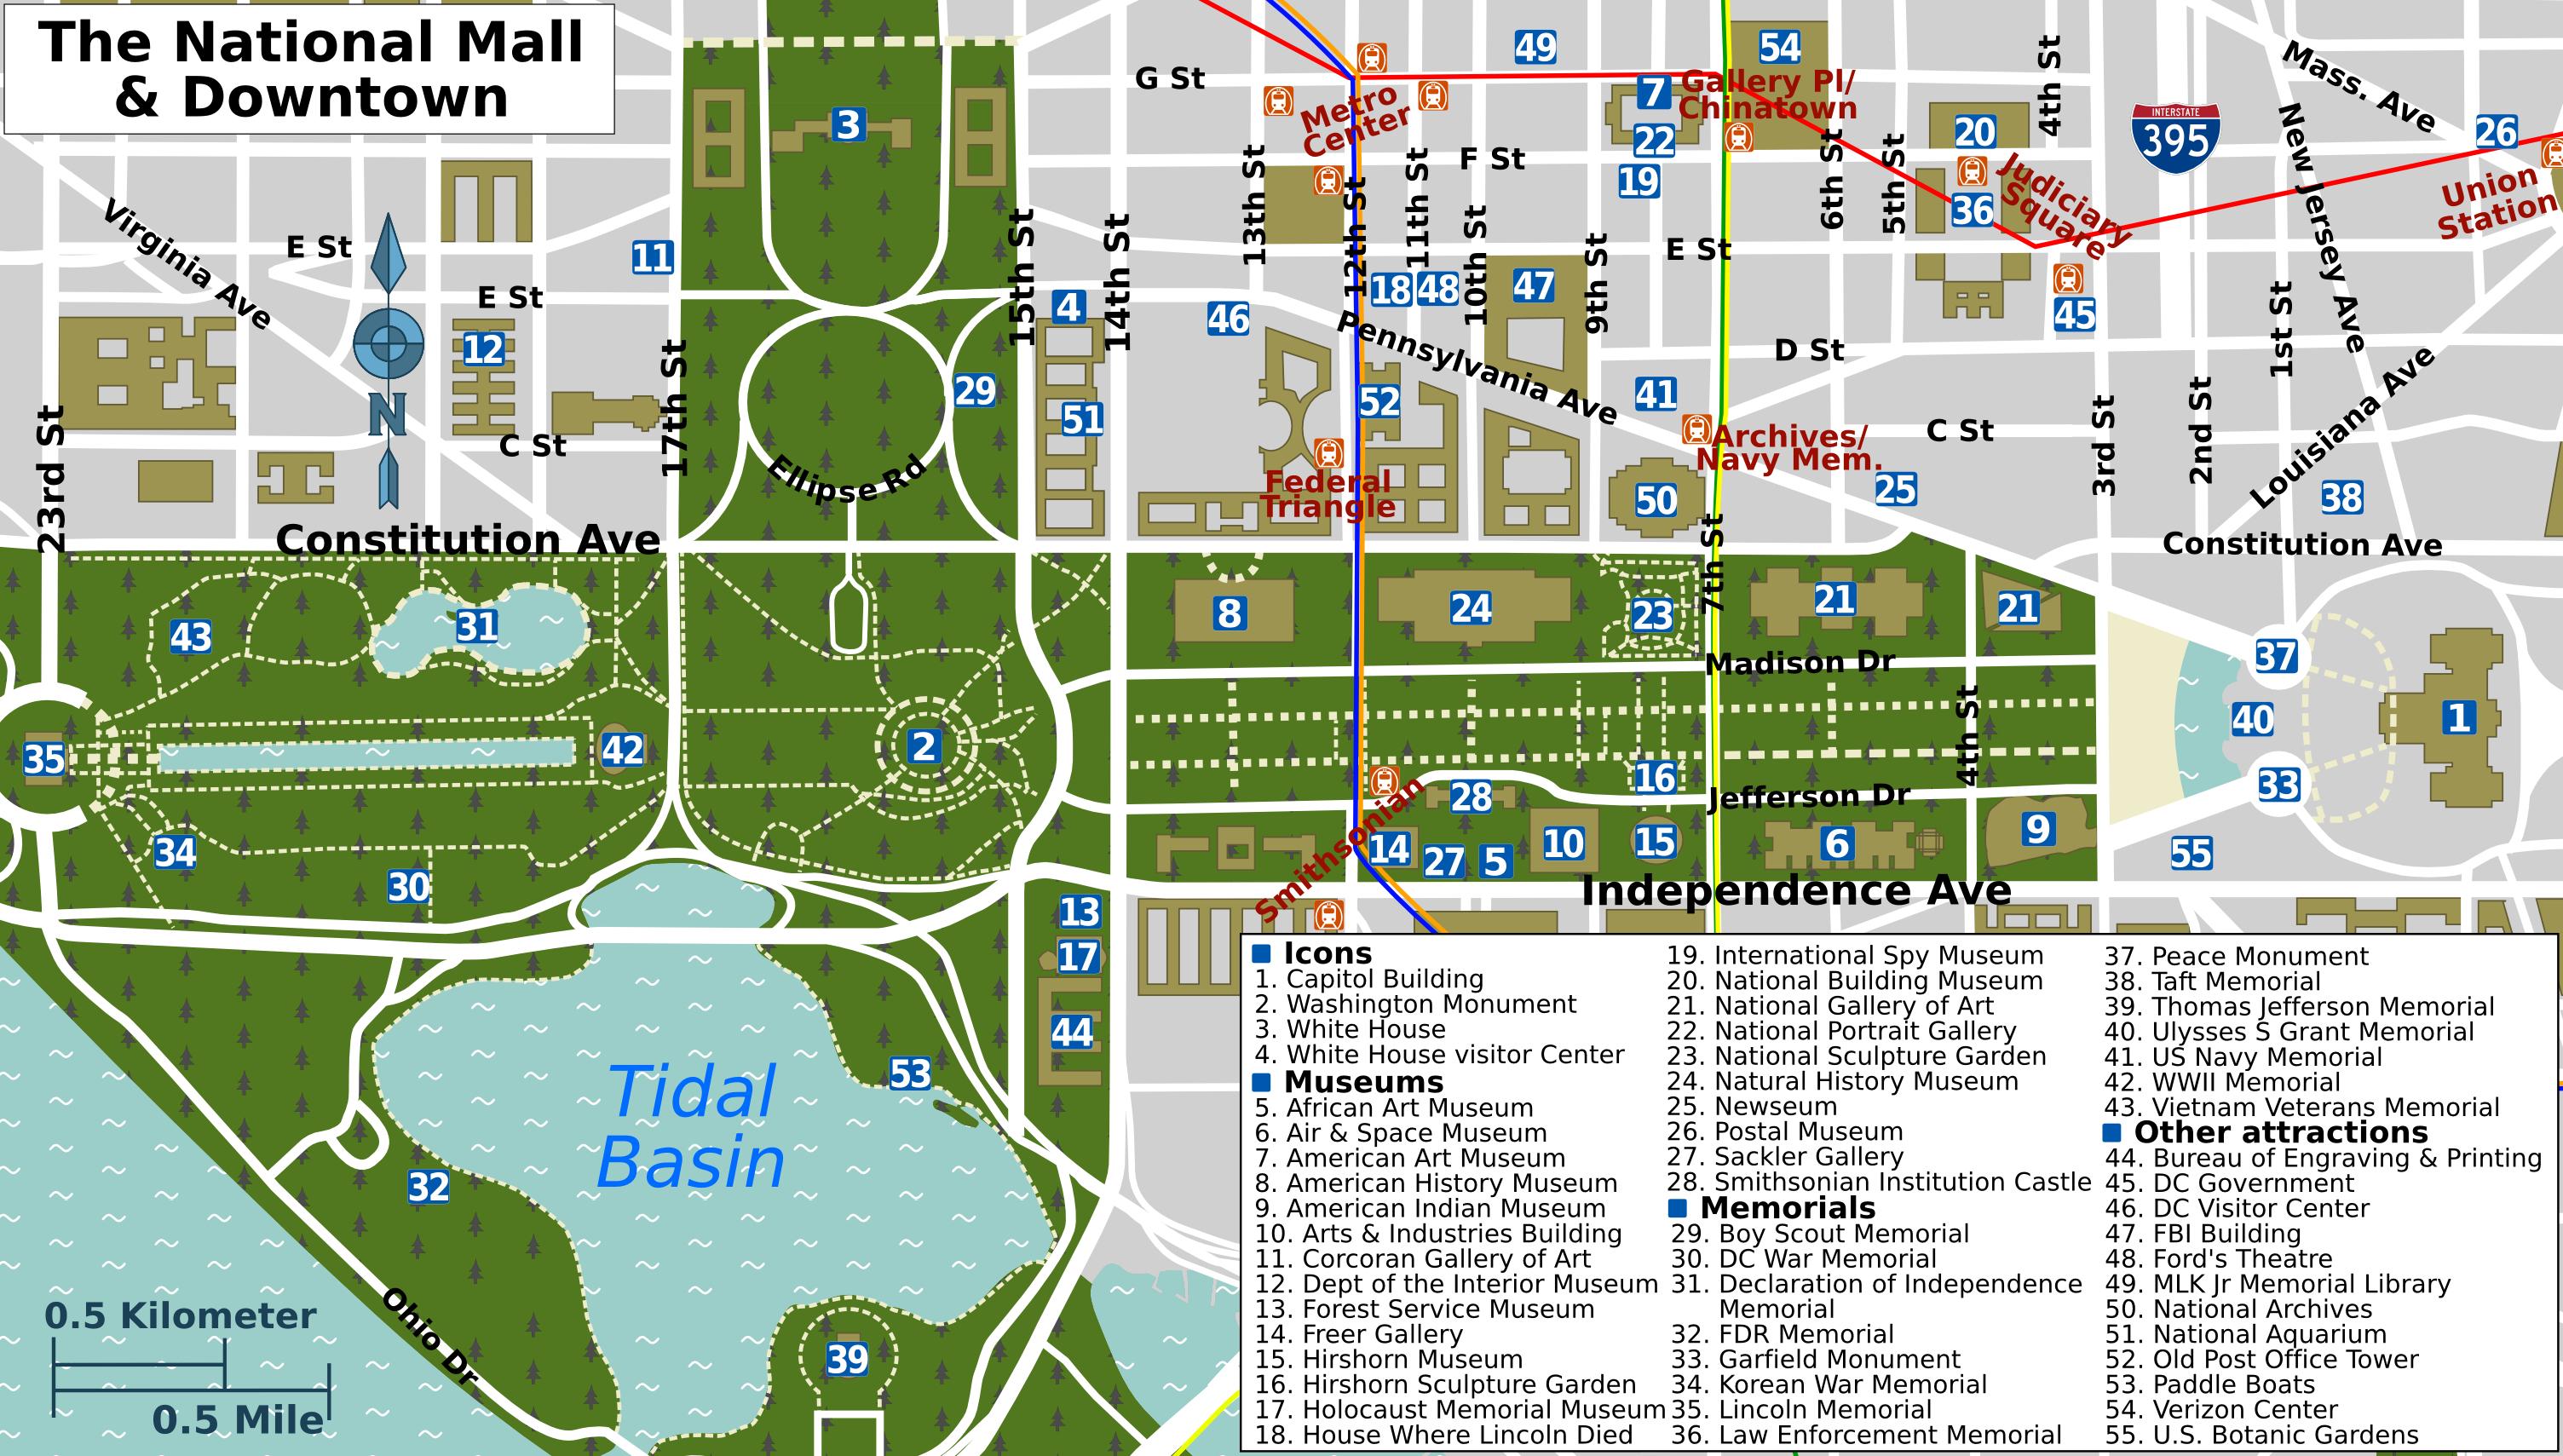 Pinpeggy Sheffold On Decor | Washington Dc Travel, Washington Dc - Printable Map Of Washington Dc Attractions